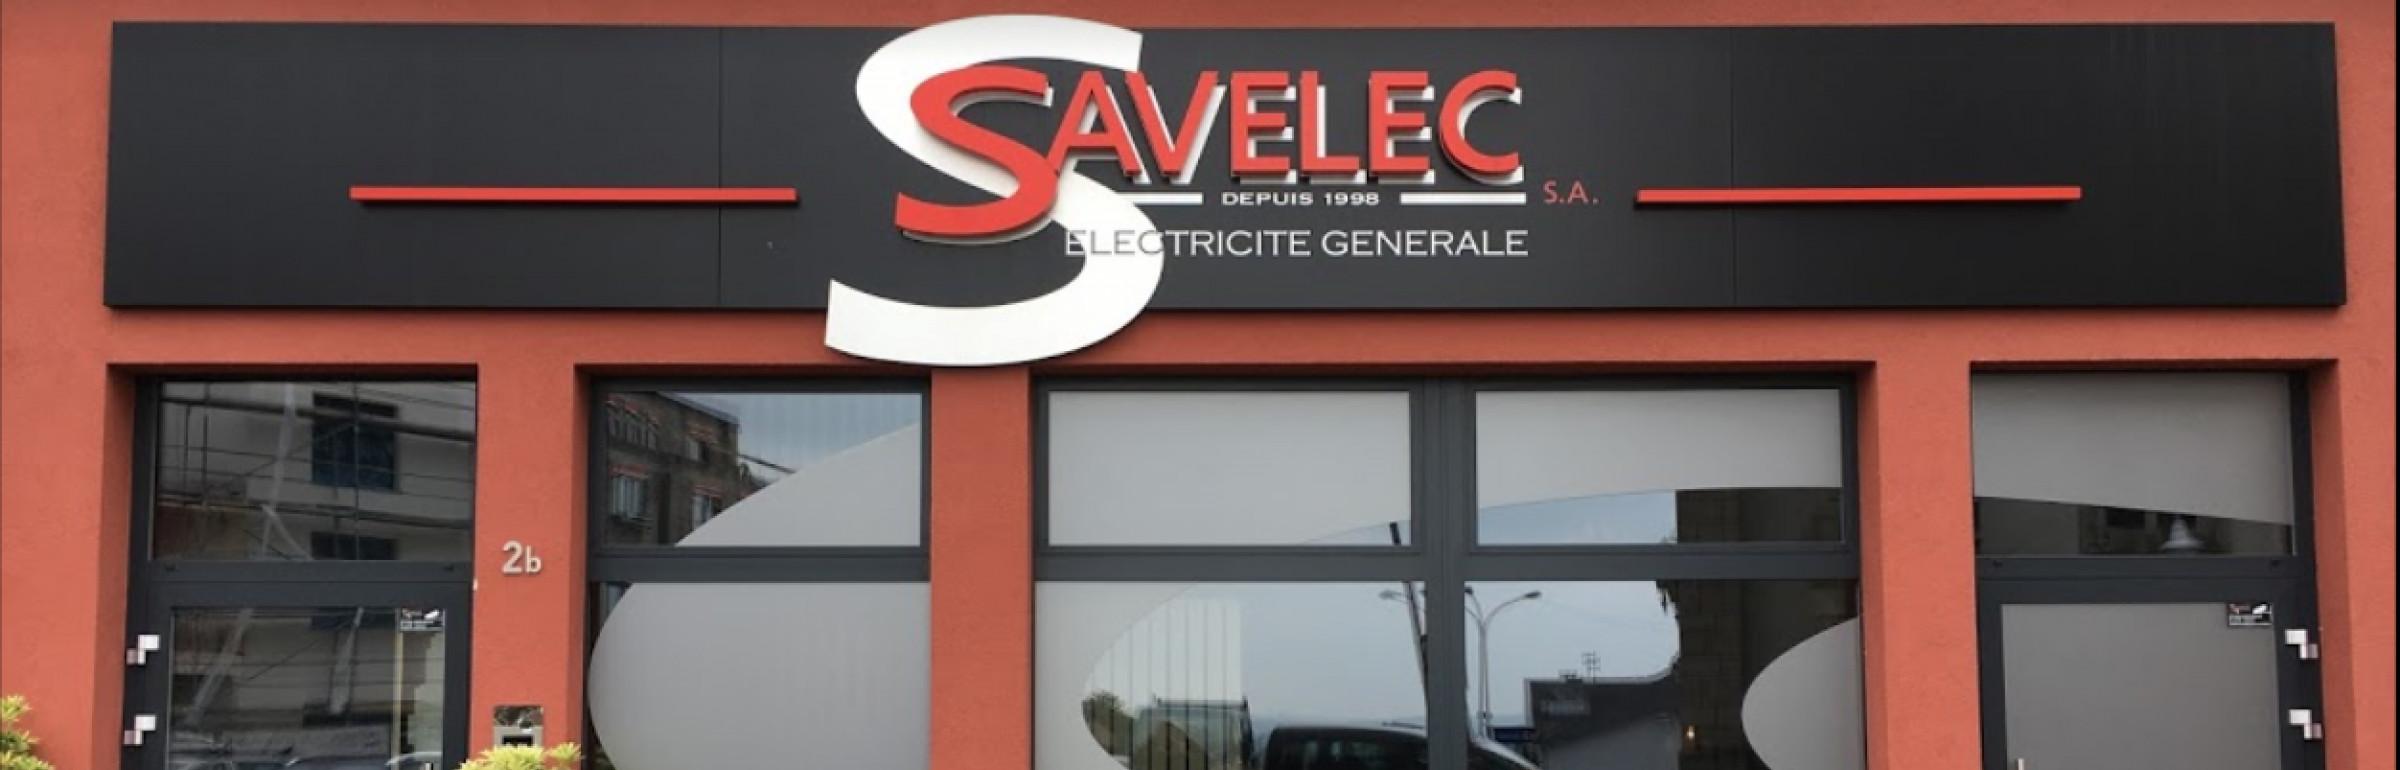 Banner SAVELEC